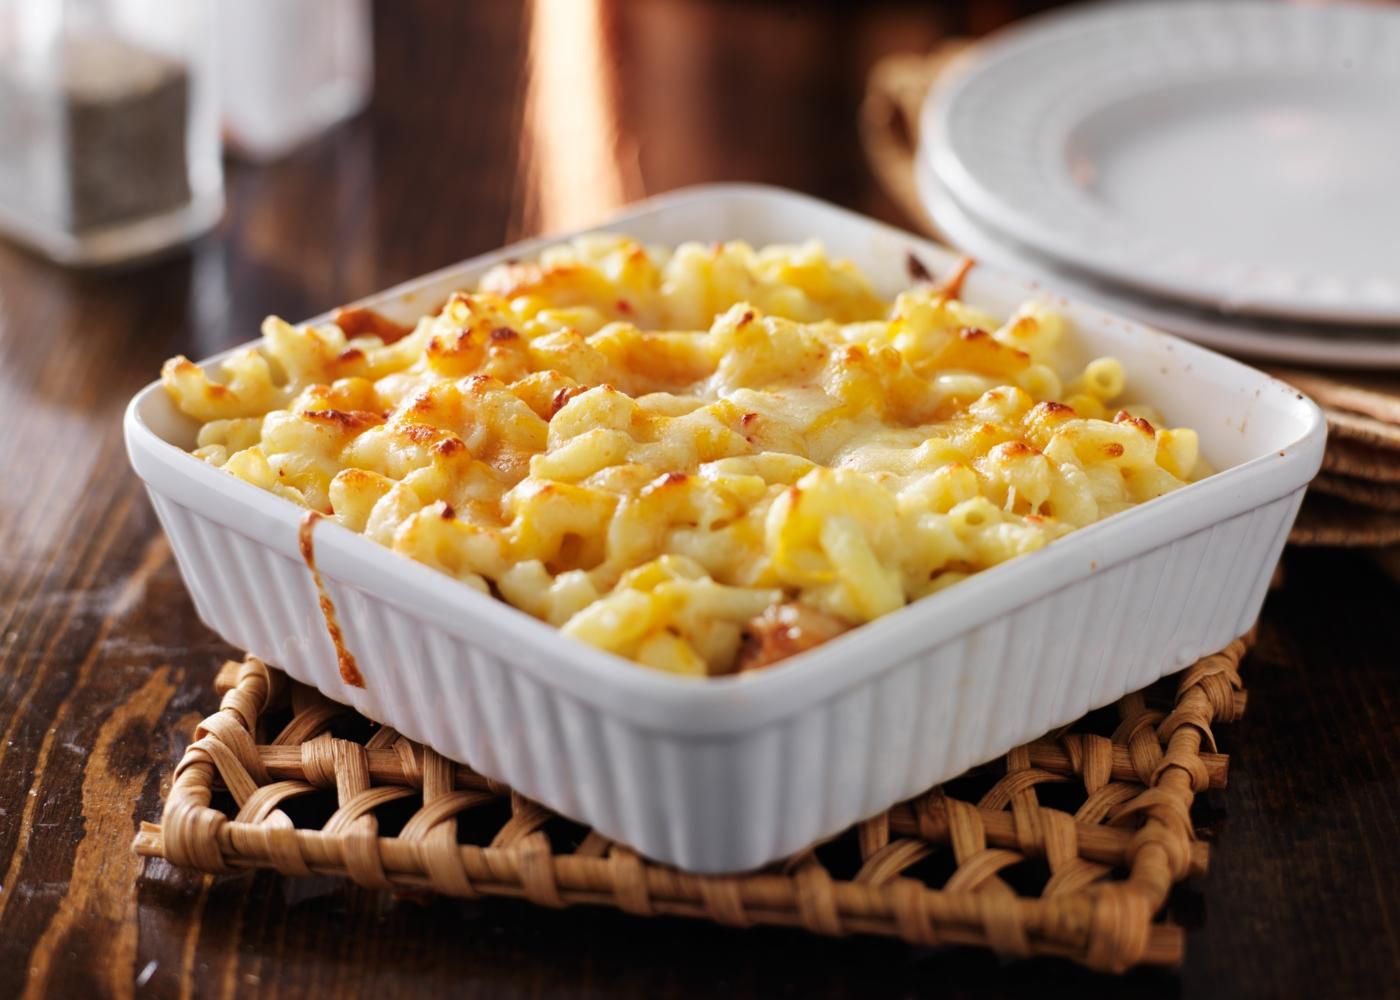 Caçarola de macarrão com queijo